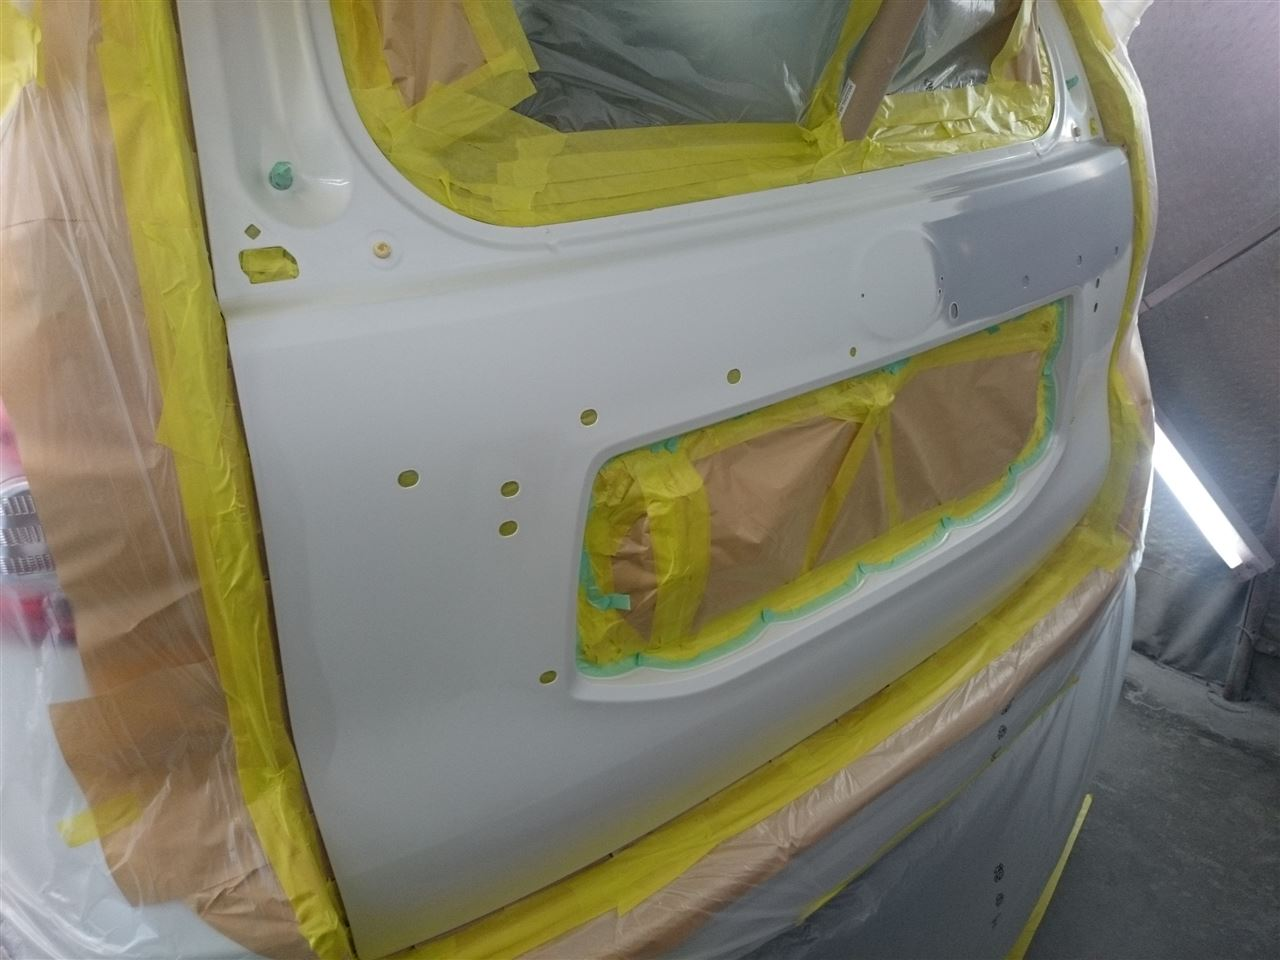 東京都立川市の車の板金塗装修理工場 ガレージローライドのトヨタ ランドクルーザープラドのキズ へこみ の板金 修理 塗装 です。